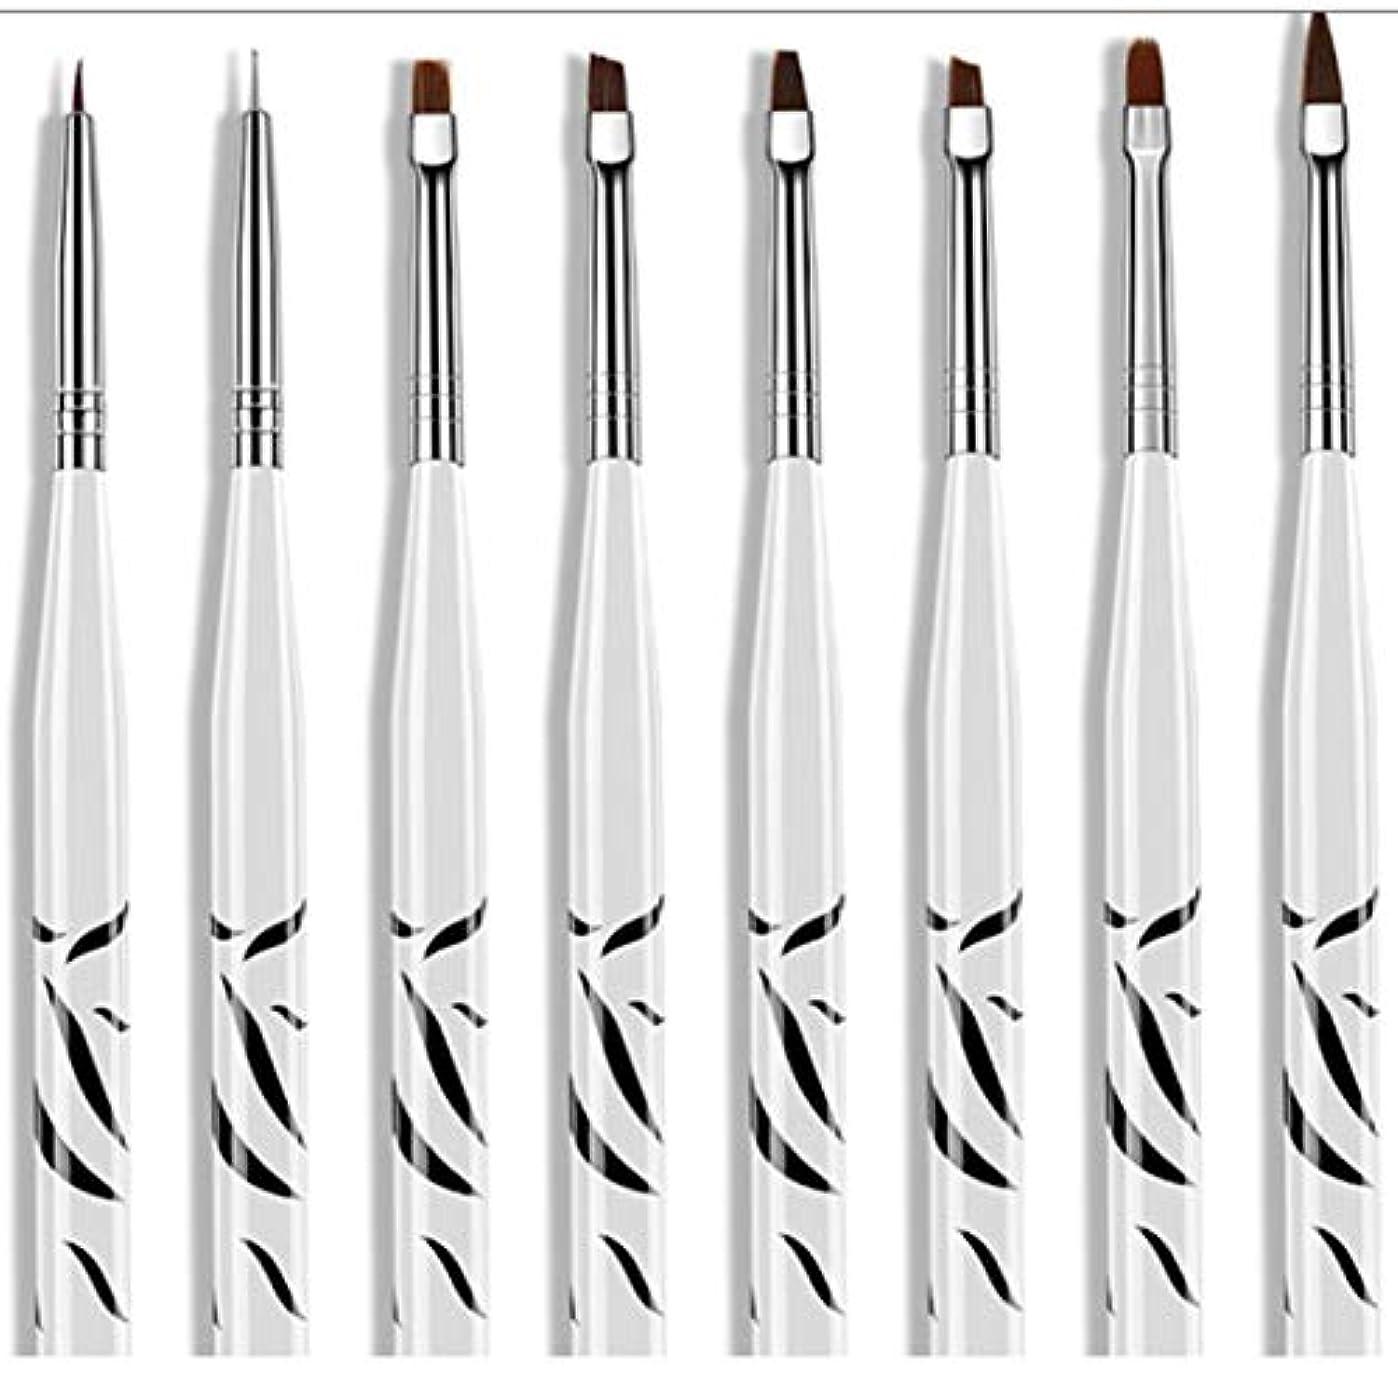 ロケット買収責任者8個ゼブラセットネイルアートペインティングストライプラインブラシペンマルチカラーステンレススチール刻まれたプルワイヤー塗装ネイルペン-ホワイト